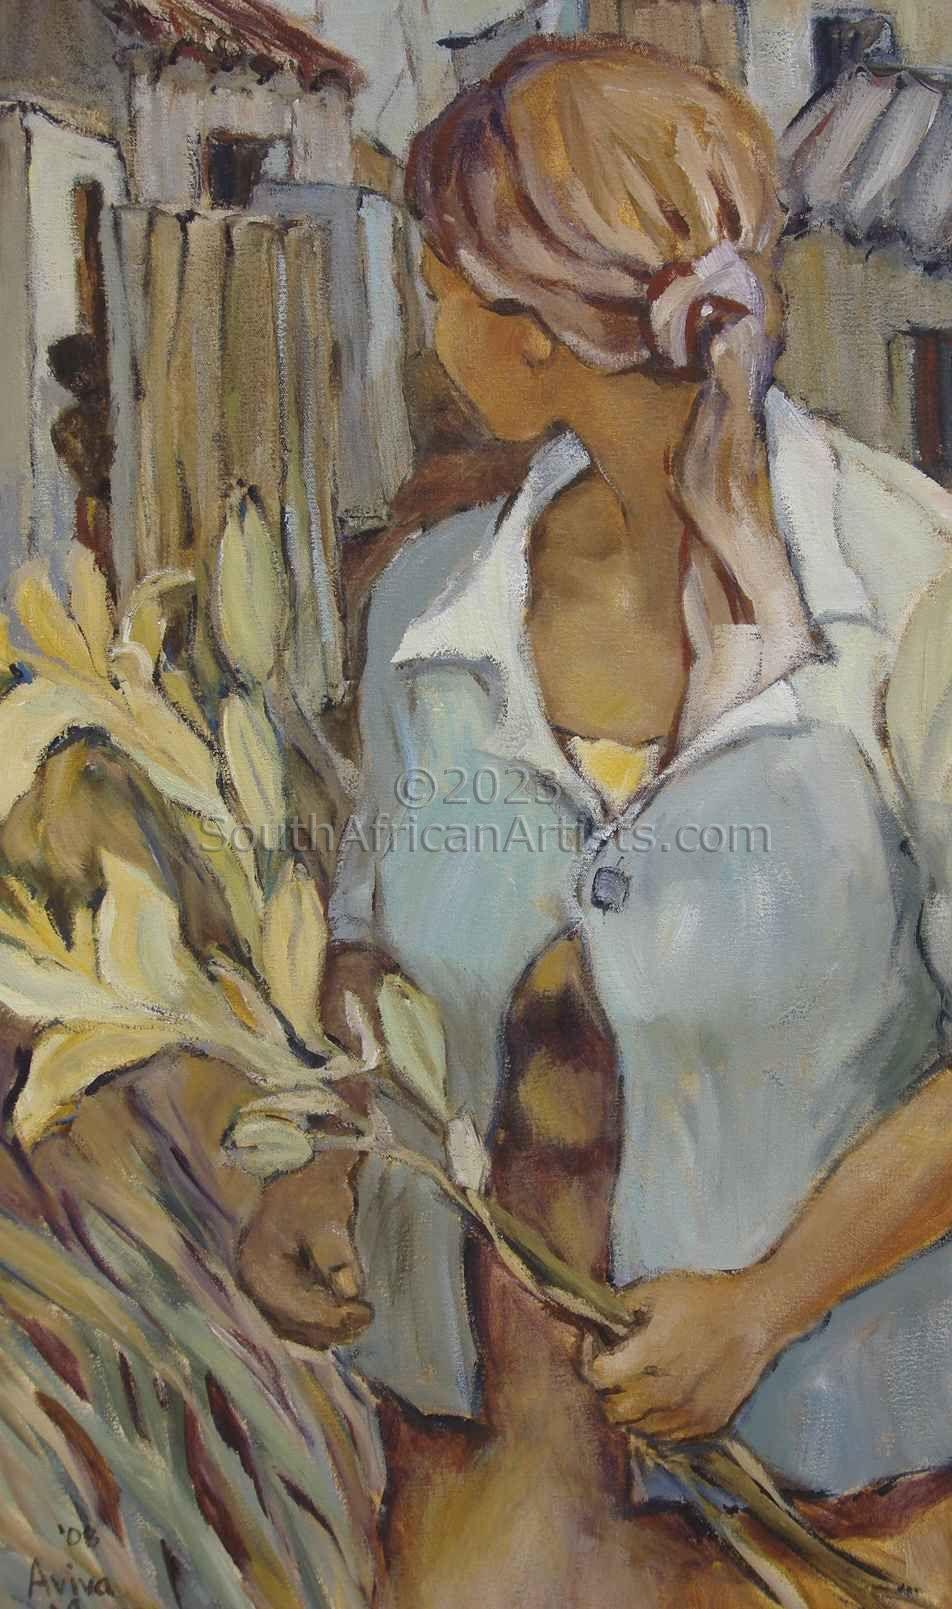 Girl With Flower - Meisie Met Blom